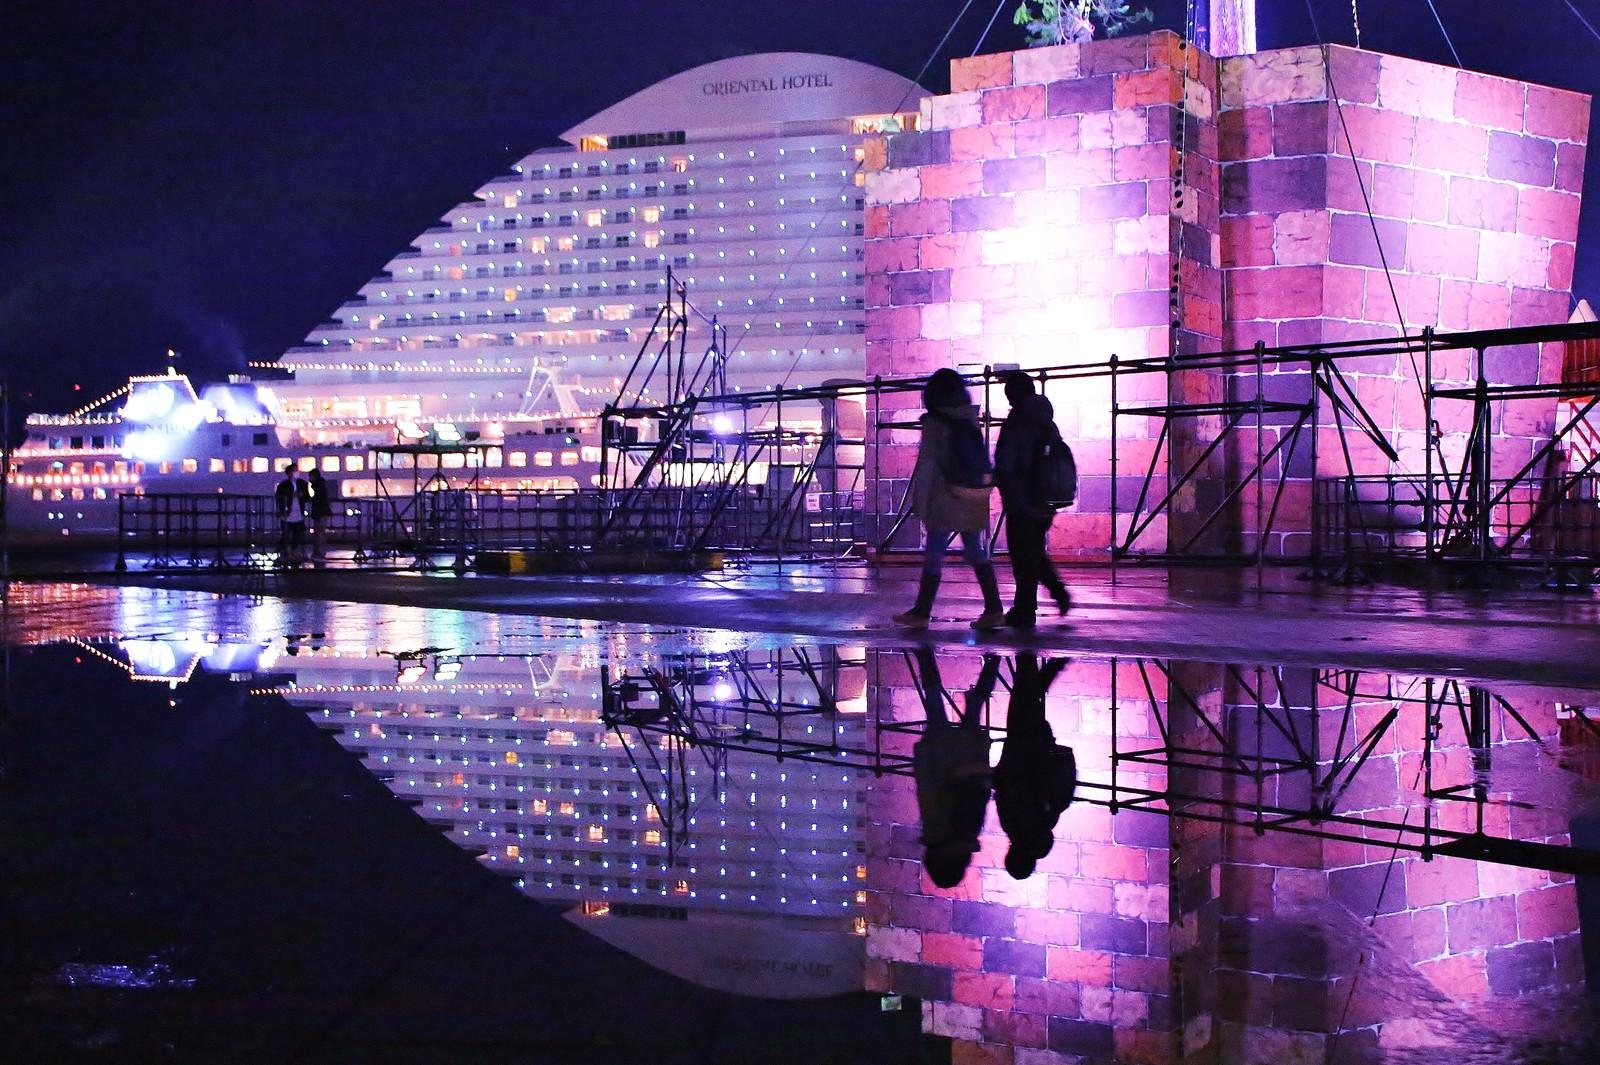 「雨上がりの水溜りに映る神戸メリケンパークオリエンタルホテル」の写真